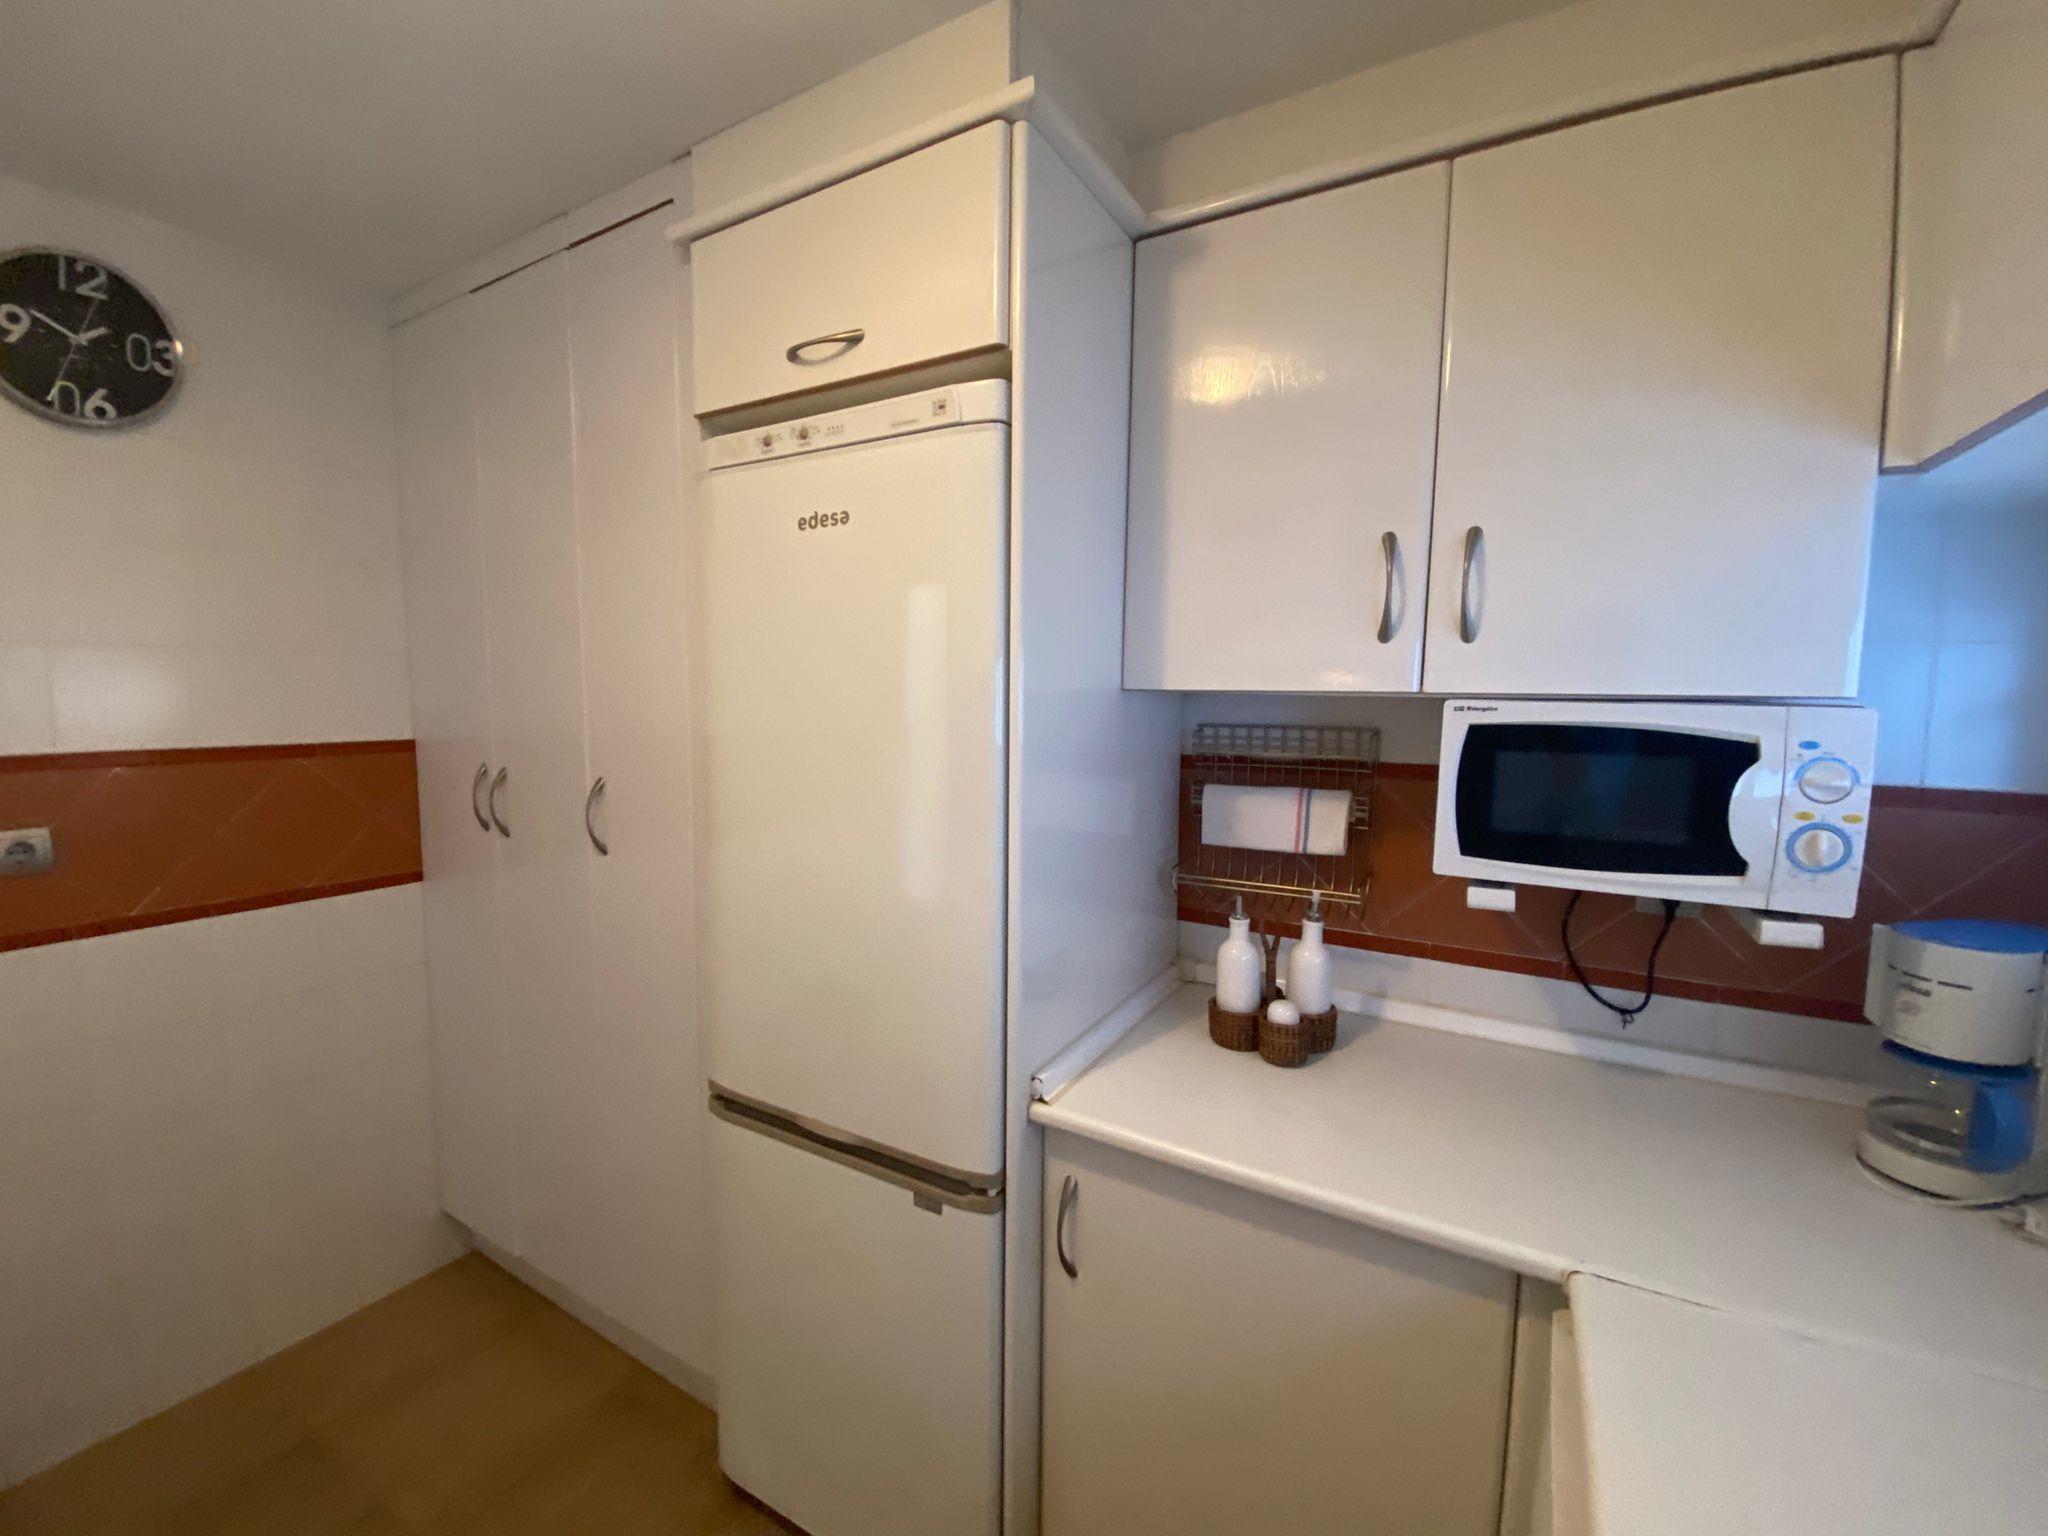 Imagen 24 del Apartamento Turístico, Ático 7 Central (3d+2b), Punta del Moral (HUELVA), Paseo de la Cruz nº22